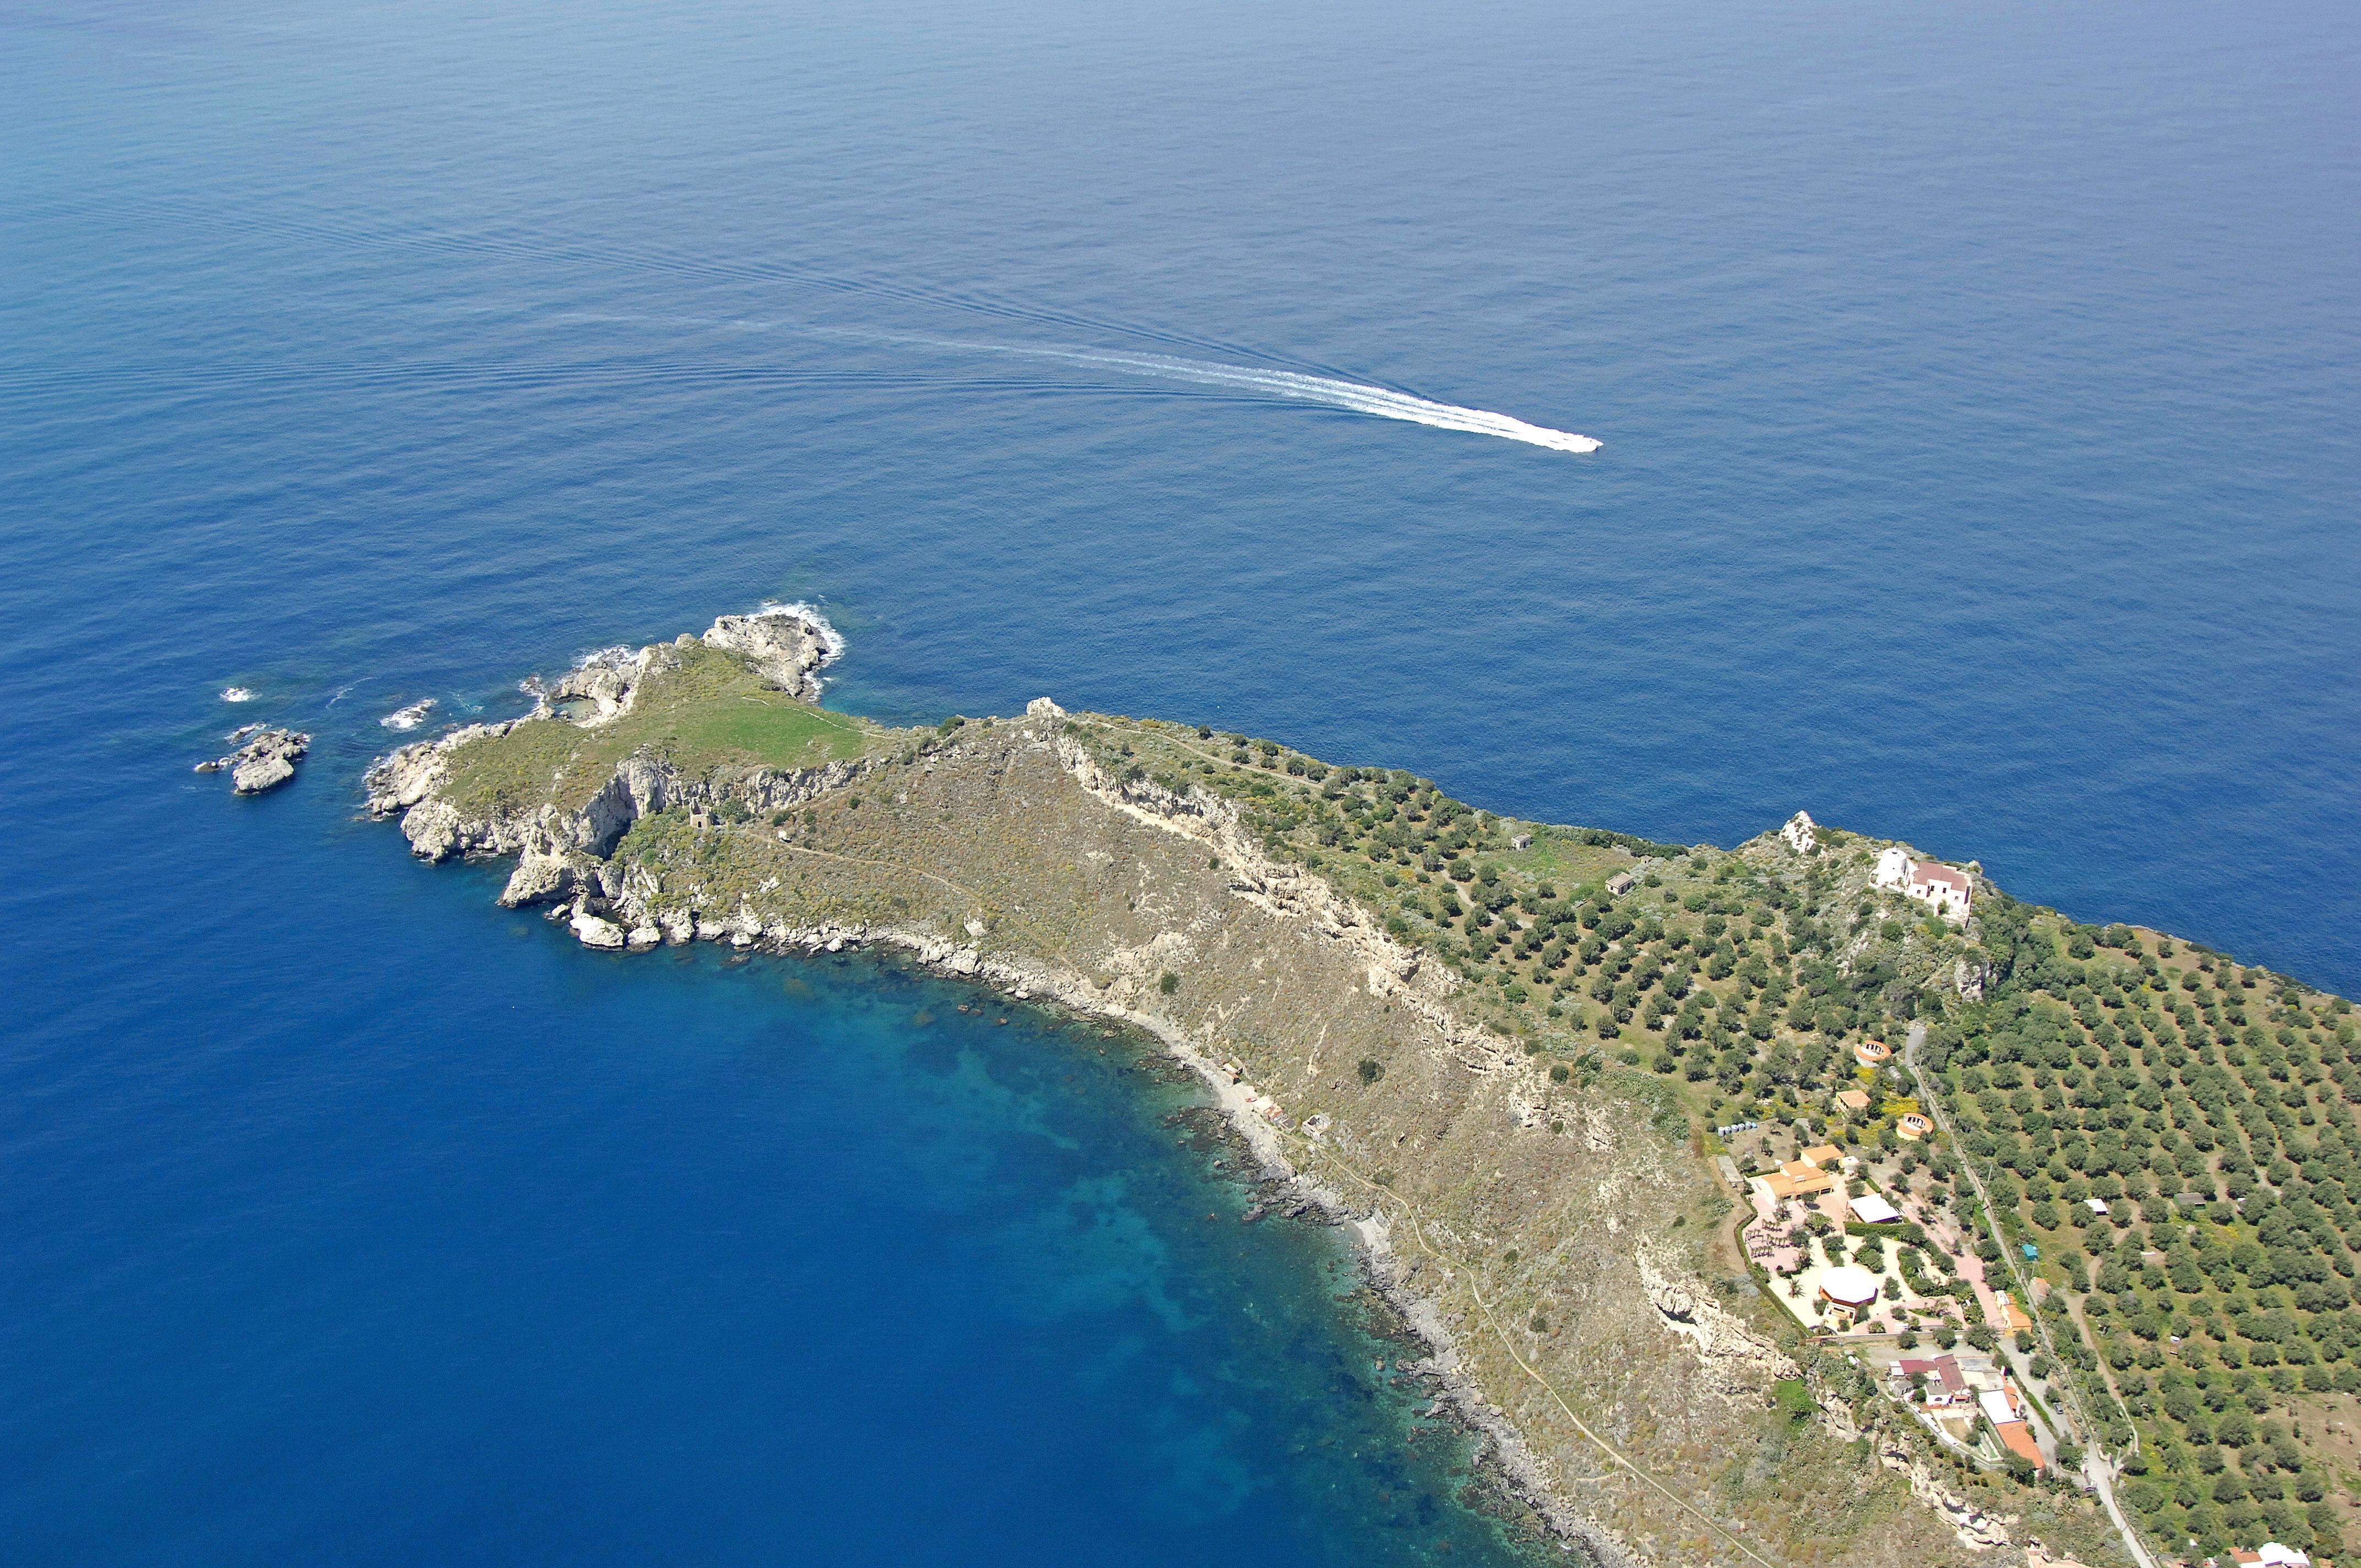 Capo Milazzo Light Lighthouse In Milazzo Sicily Italy